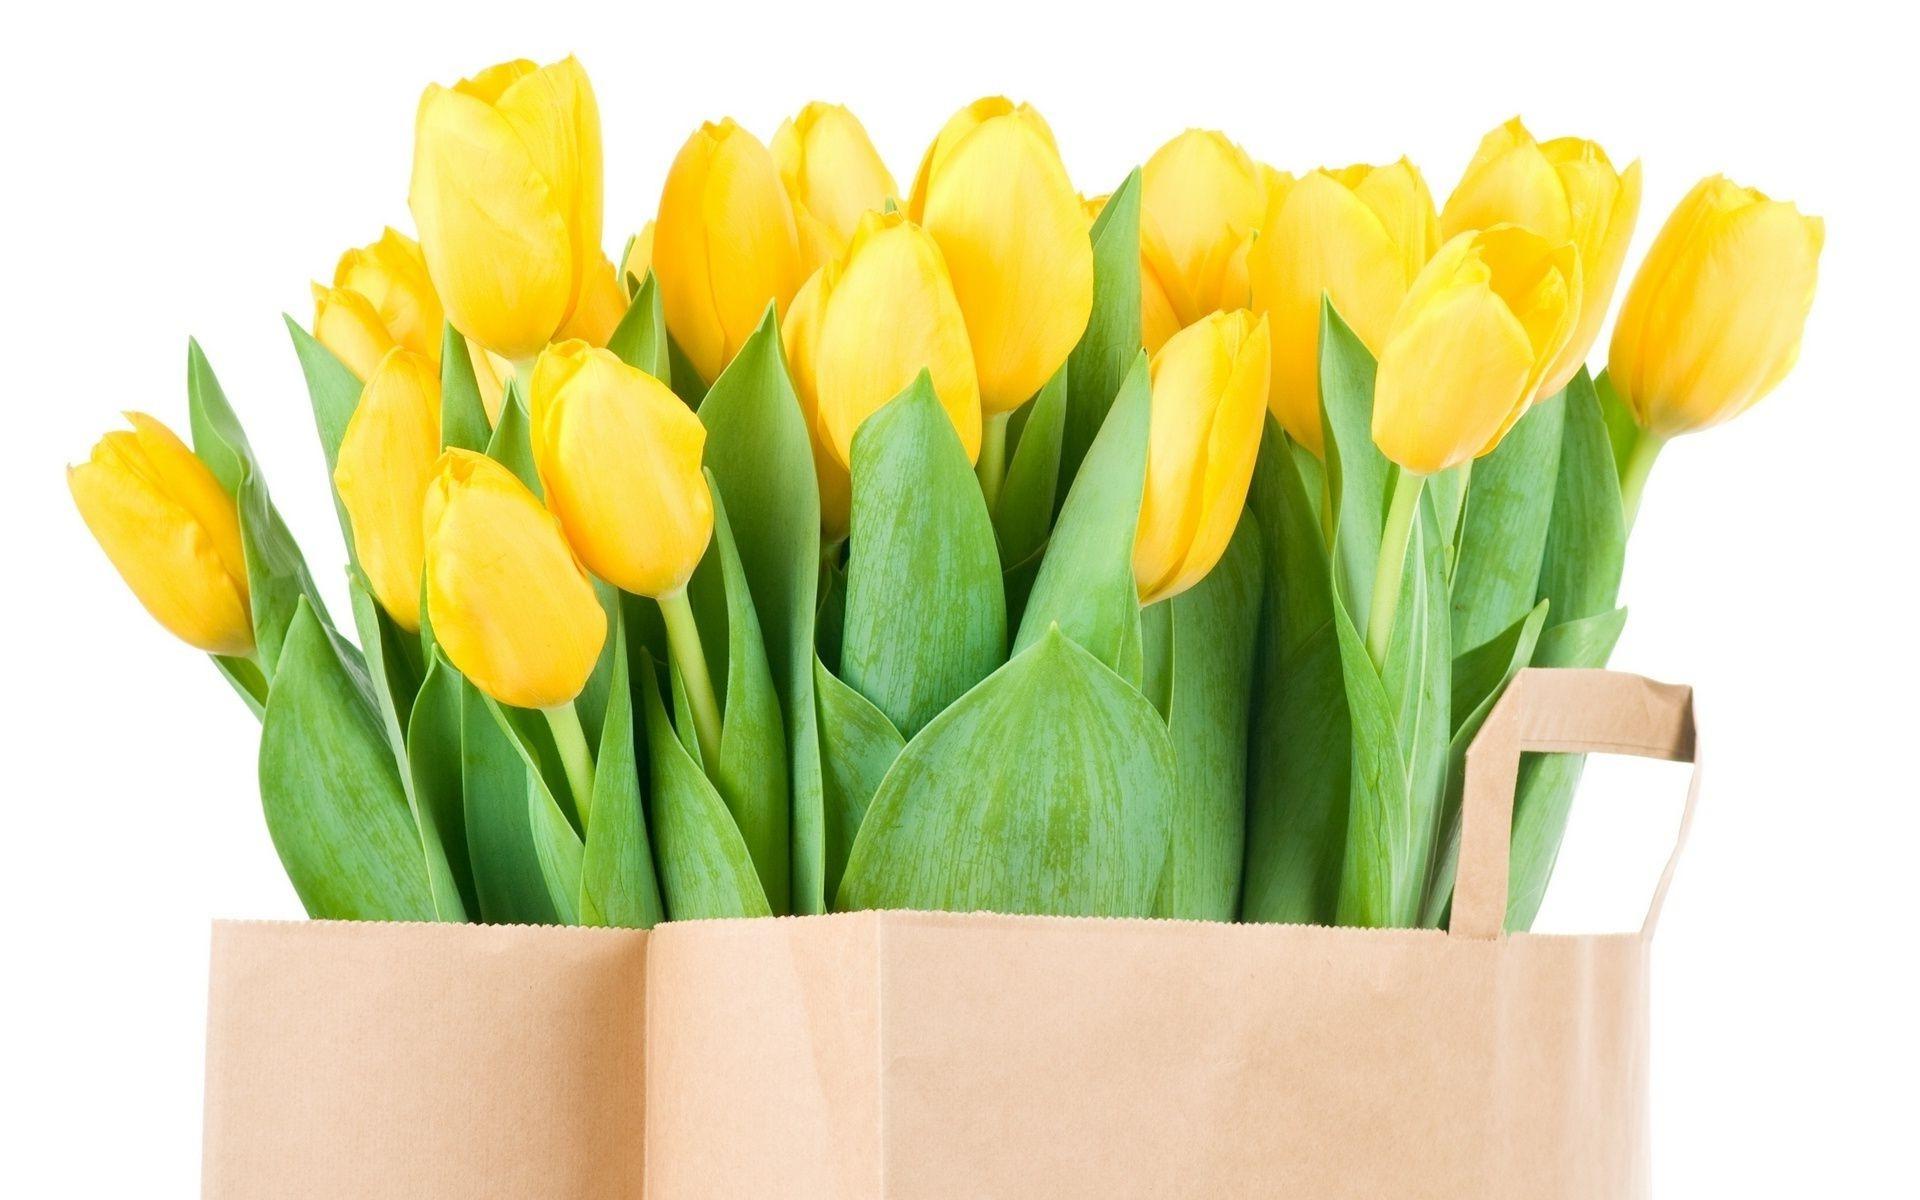 Картинки на рабочий стол букеты тюльпанов